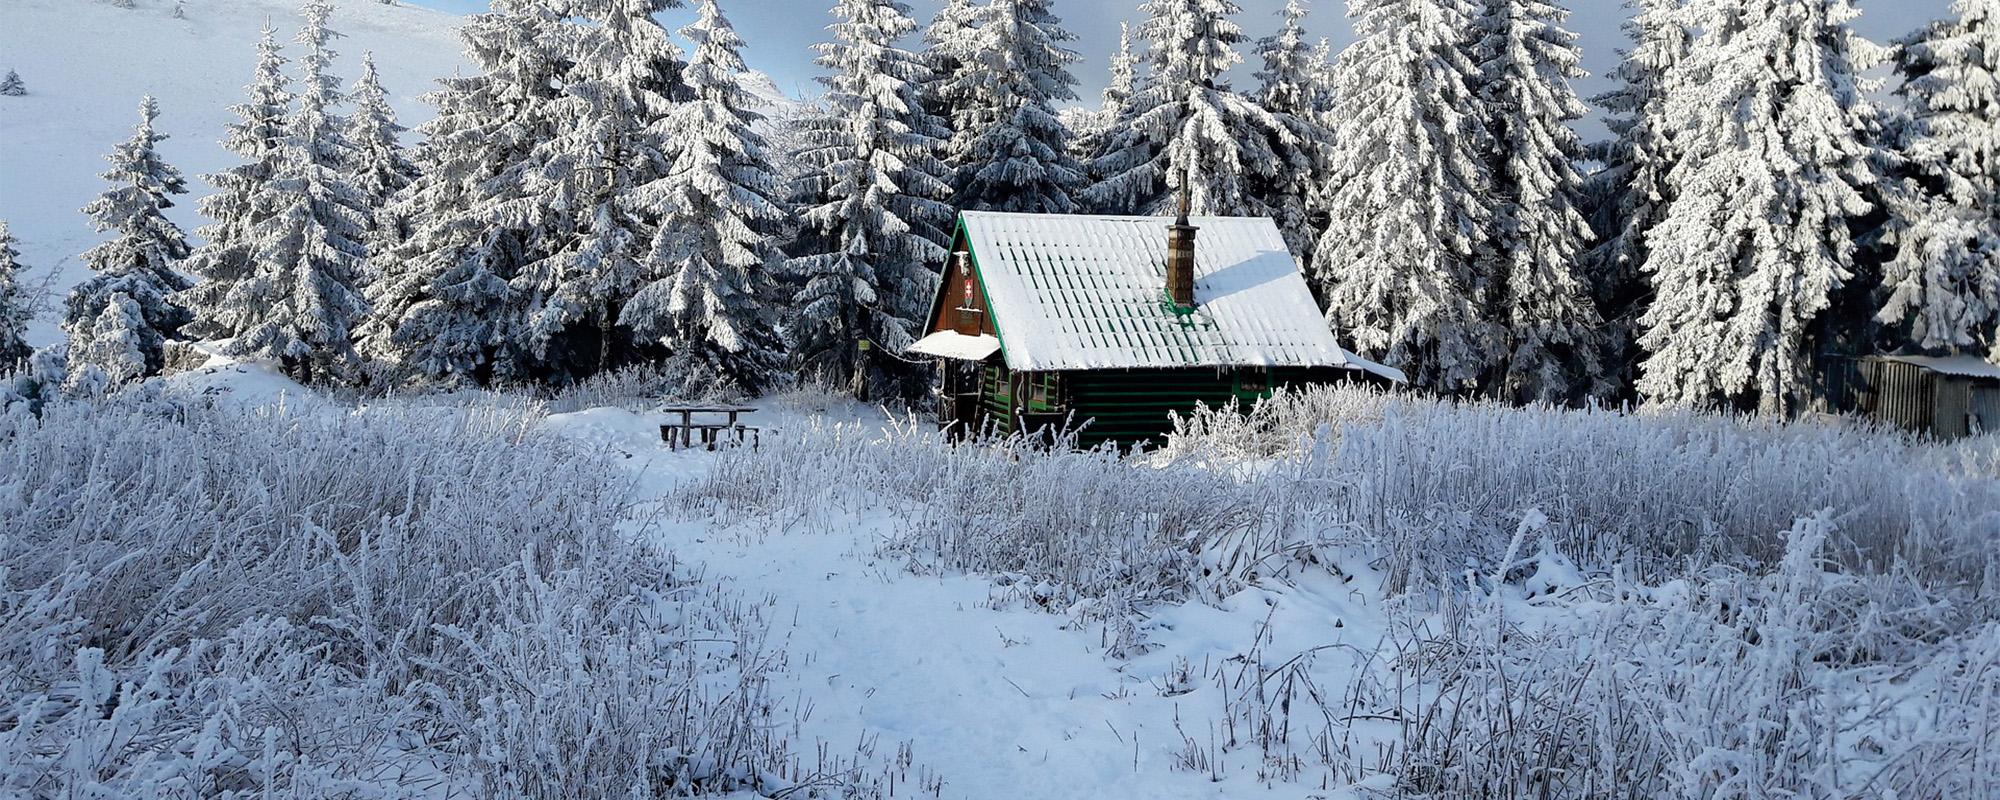 045 photo carrousel chalet dans la neige